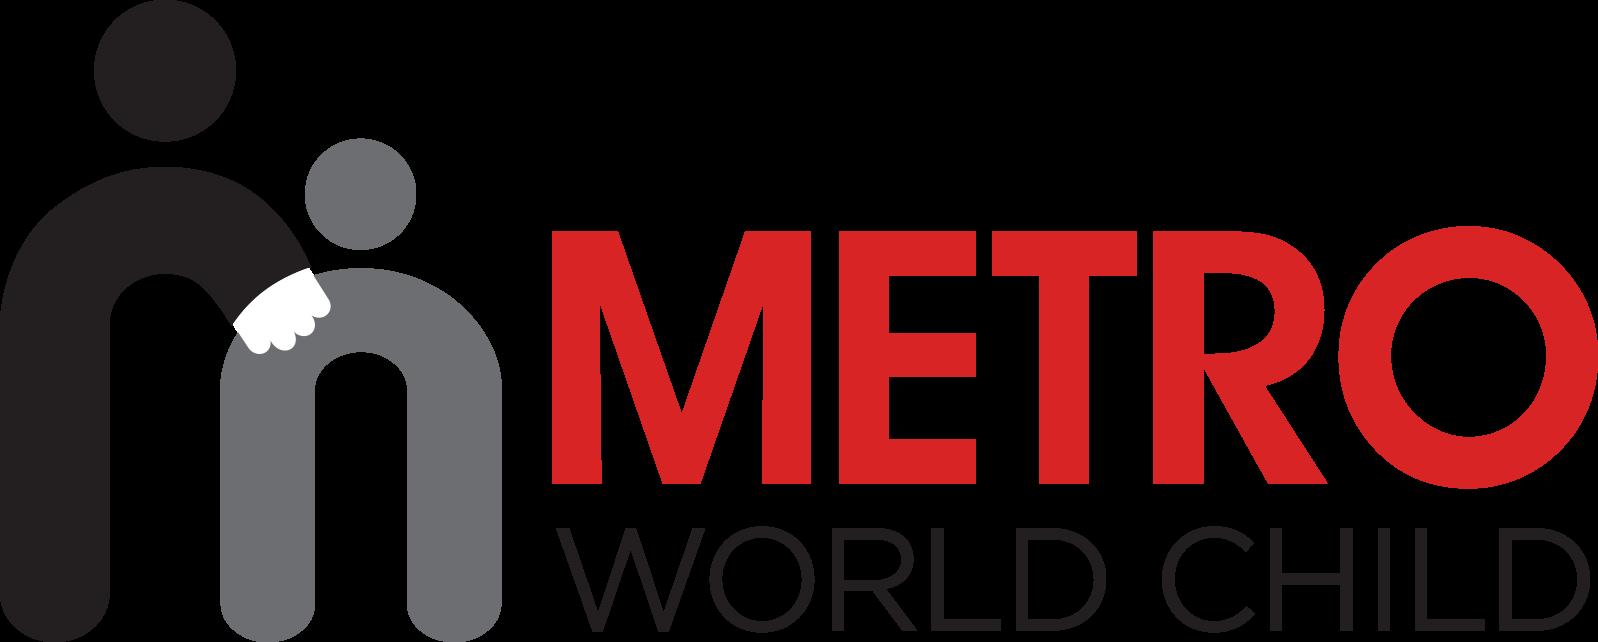 Metro World Child